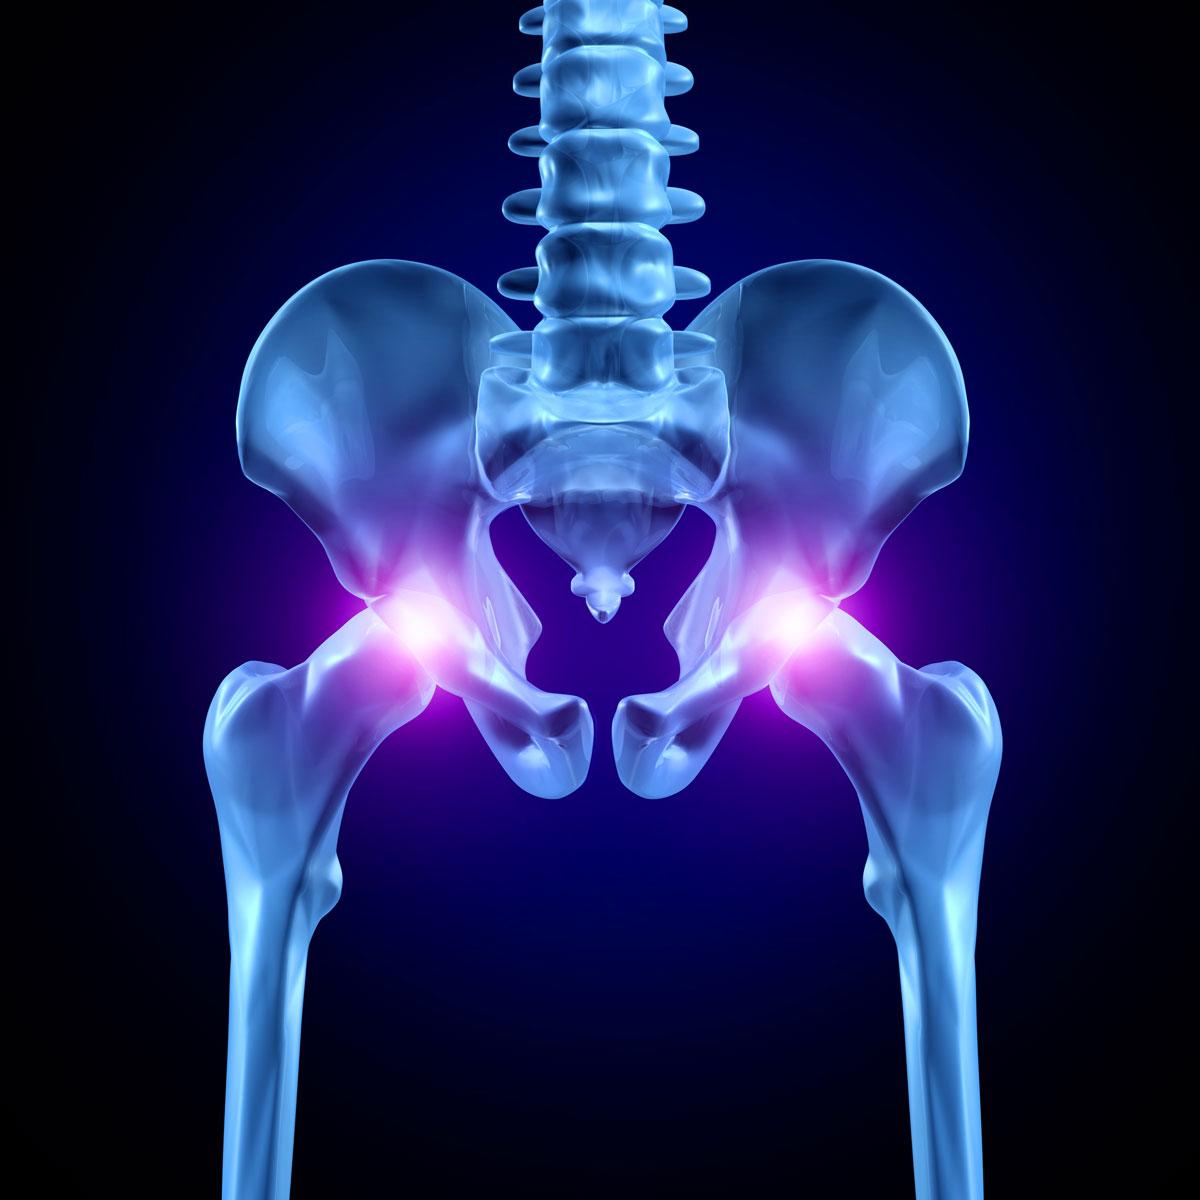 Мрт или кт тазобедренных суставов что лучше остеоортроз коленного сустава